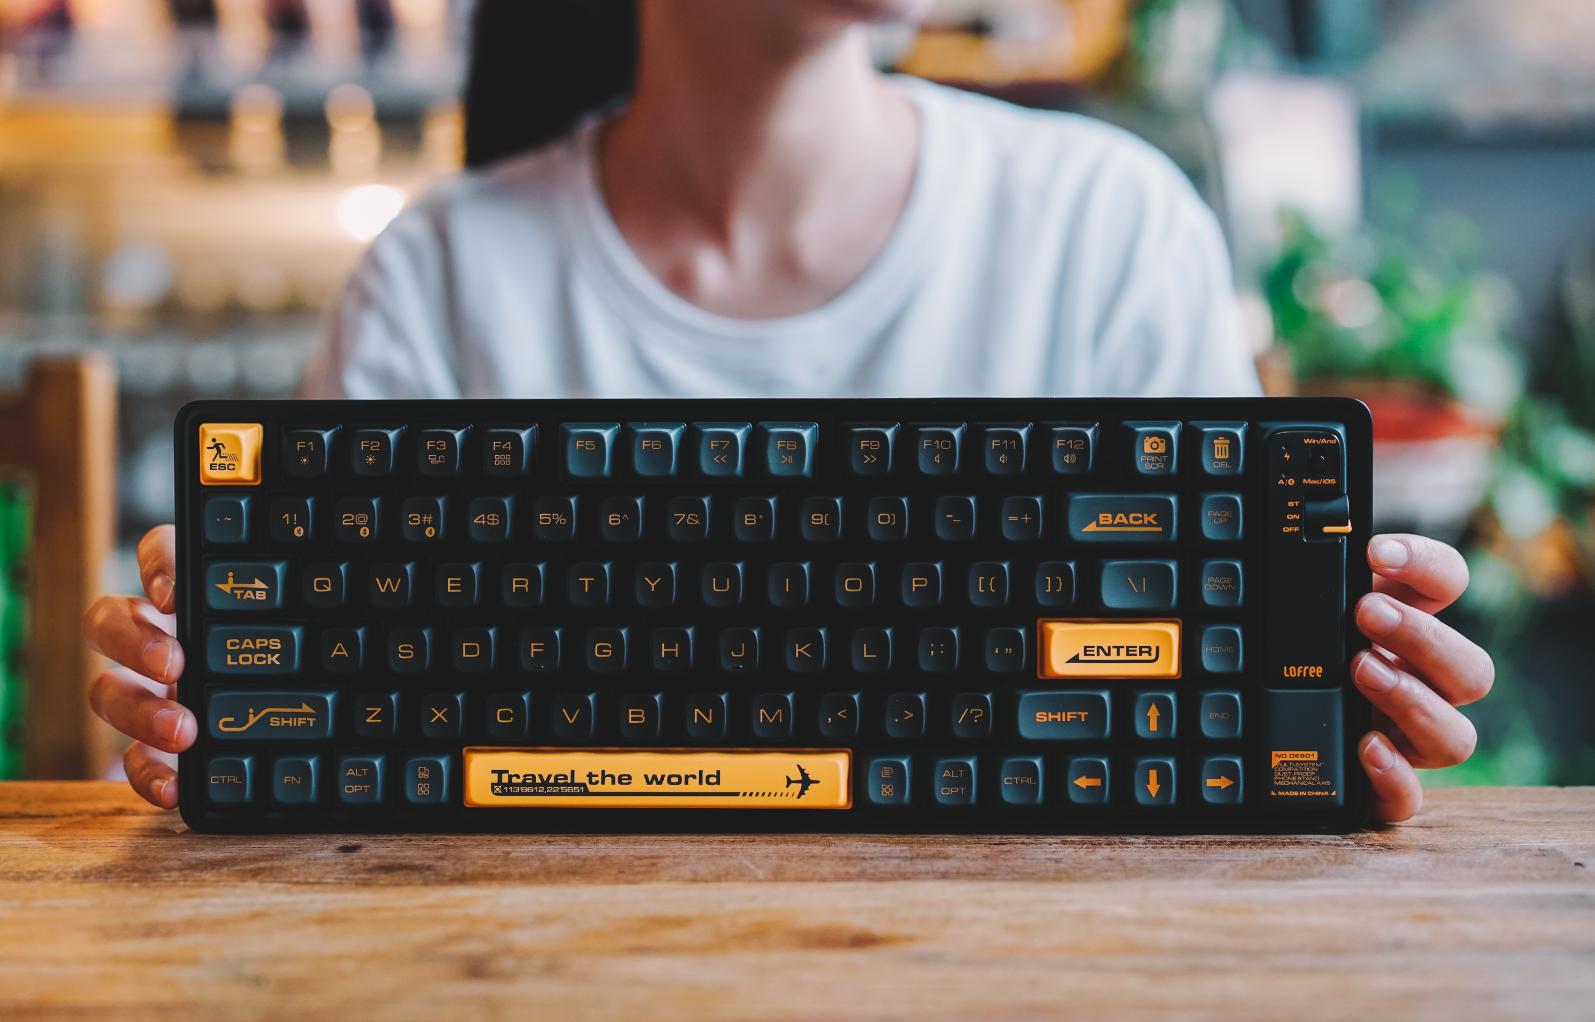 图片[7]-以浪为名,Lofree洛斐小浪蓝牙机械键盘适合外出携带的小机械键盘-G-Suite